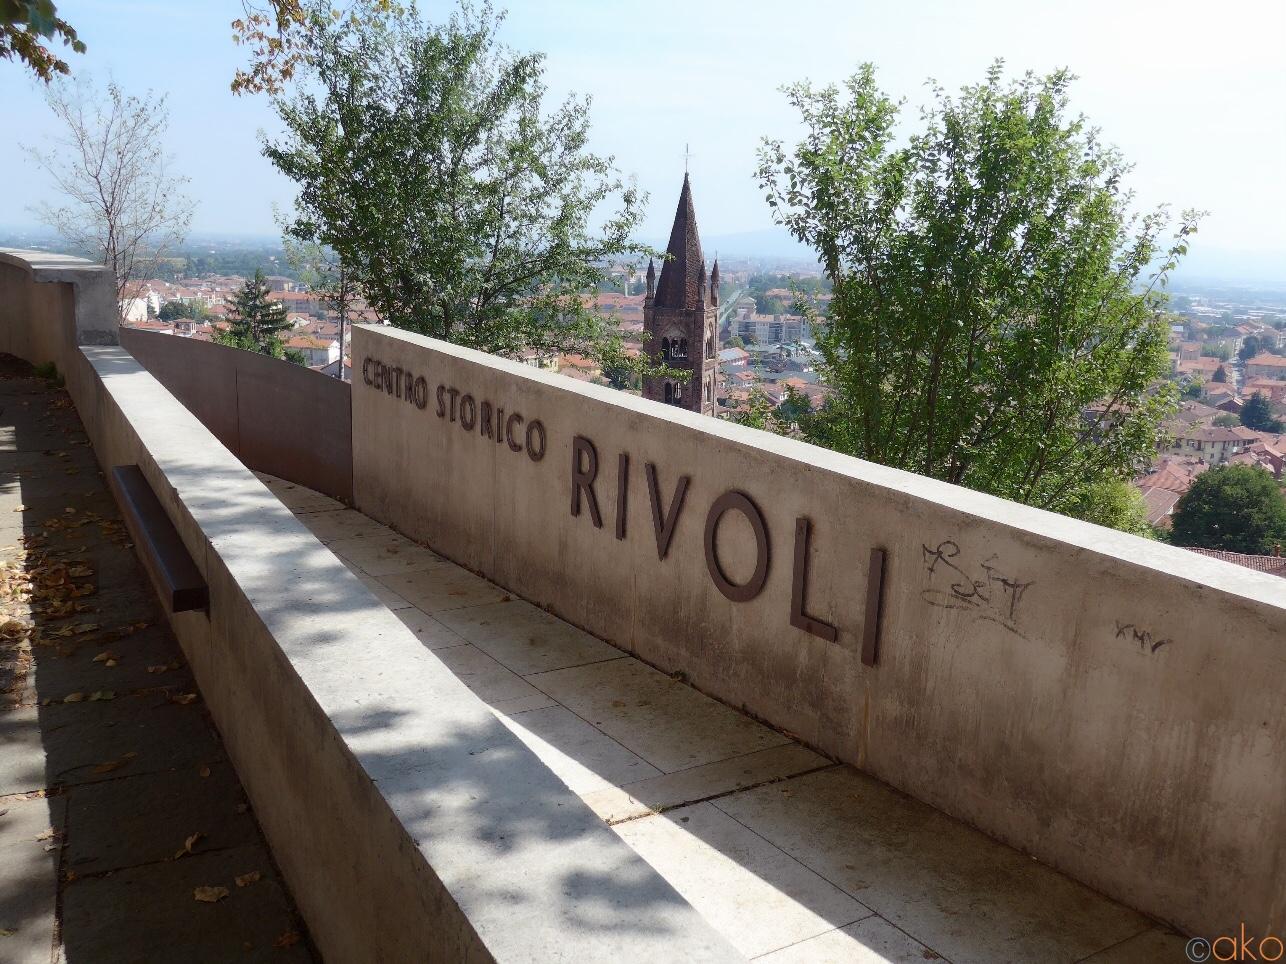 七変化する世界遺産、トリノ郊外の「リヴォリ城」の魅力とは | イタリア観光ガイド